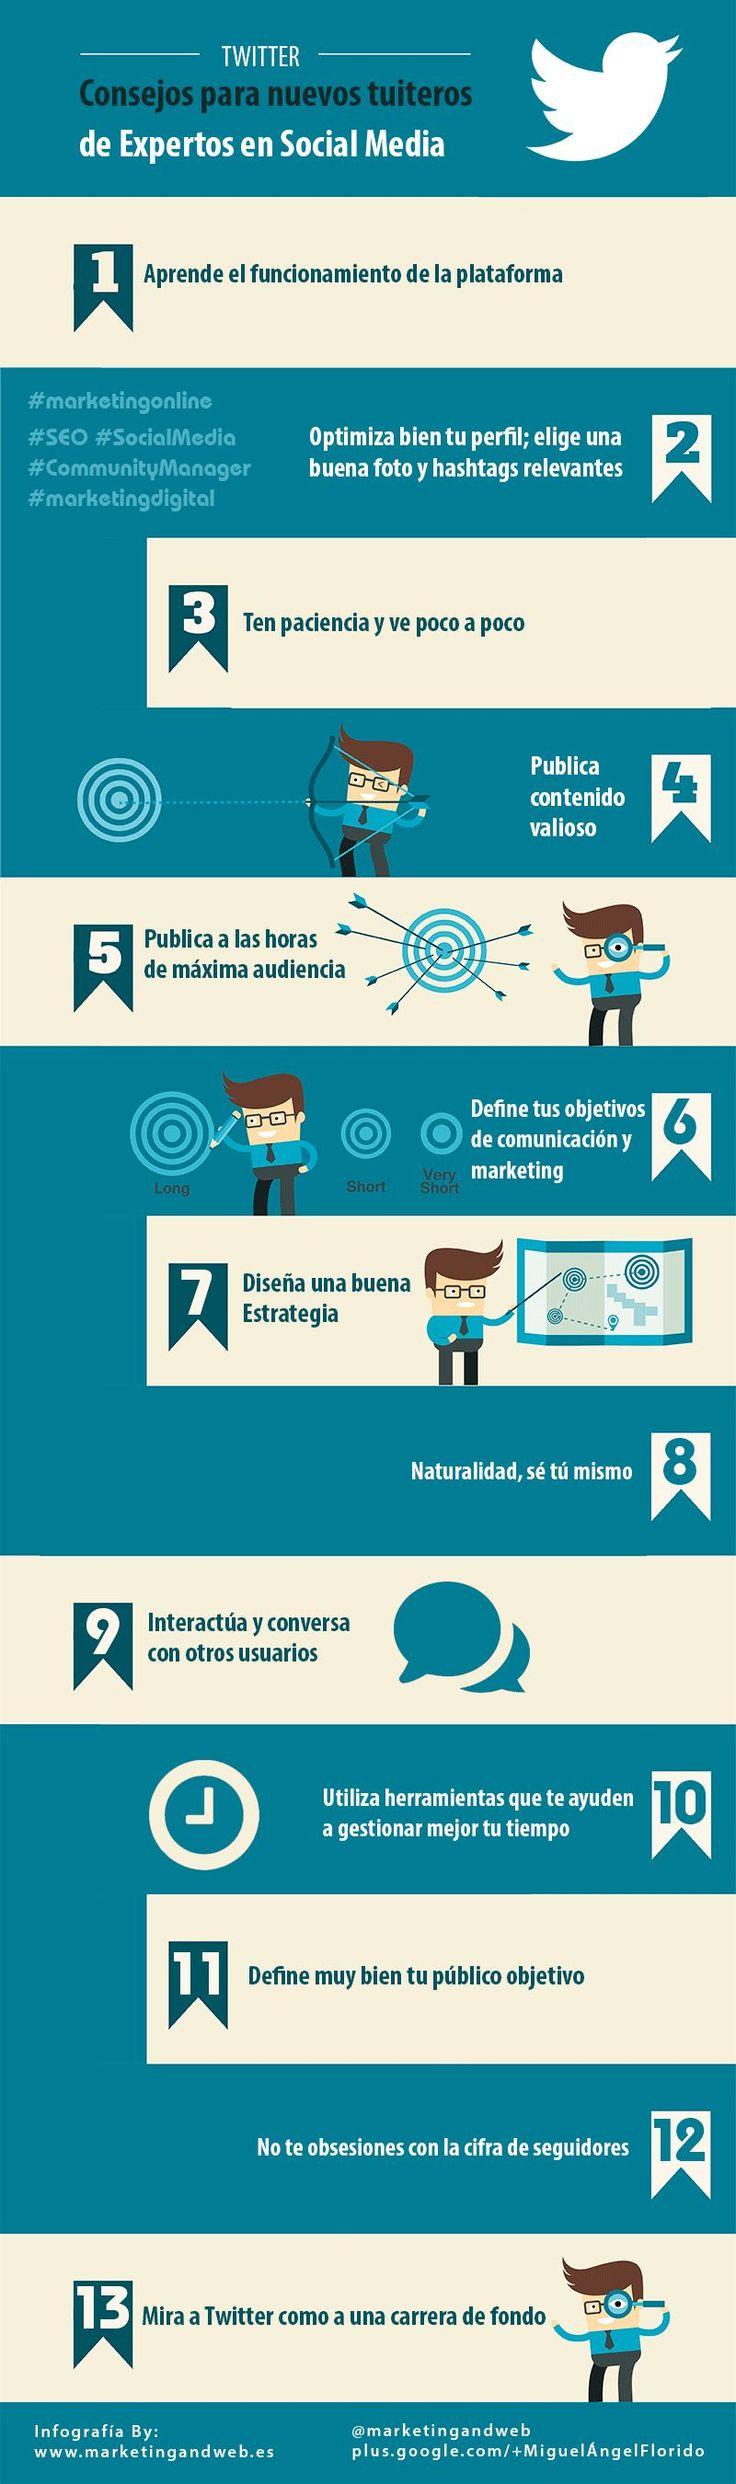 Una buena infografía en español donde expertos en Social Media nos ofrecen 13 consejos para sacar más provecho a la red social Twitter.